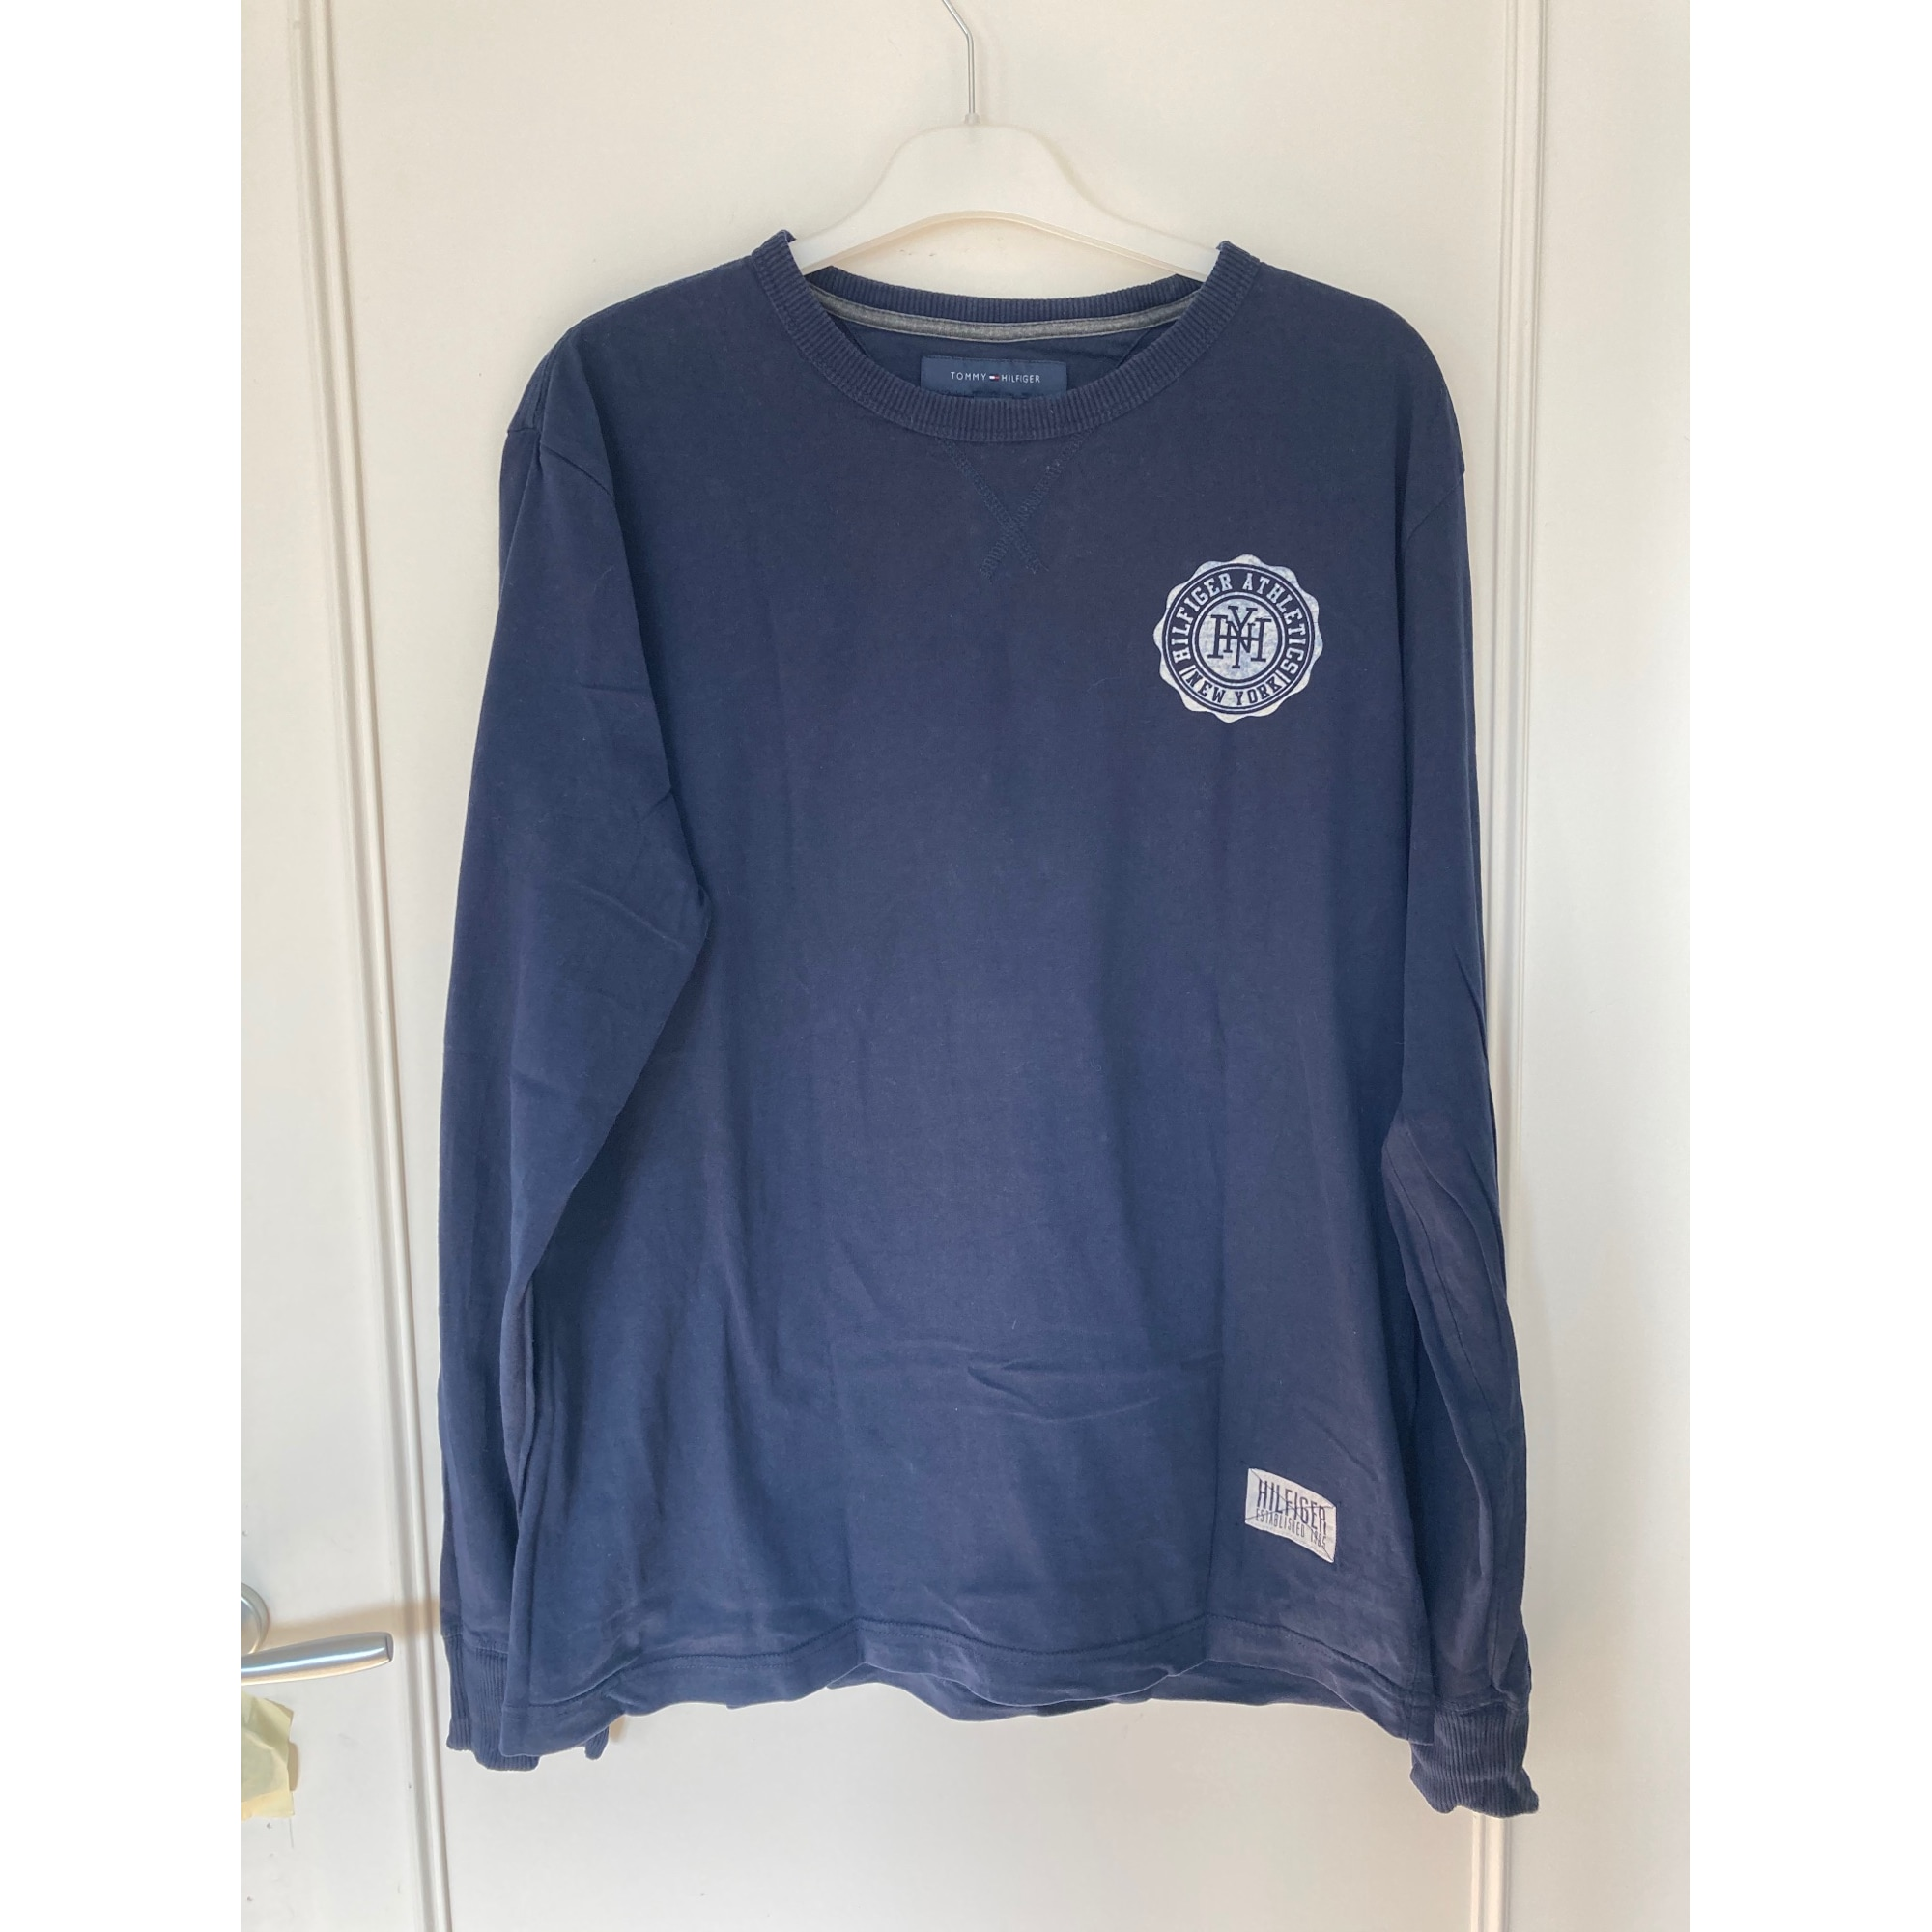 Tee-shirt TOMMY HILFIGER Bleu, bleu marine, bleu turquoise